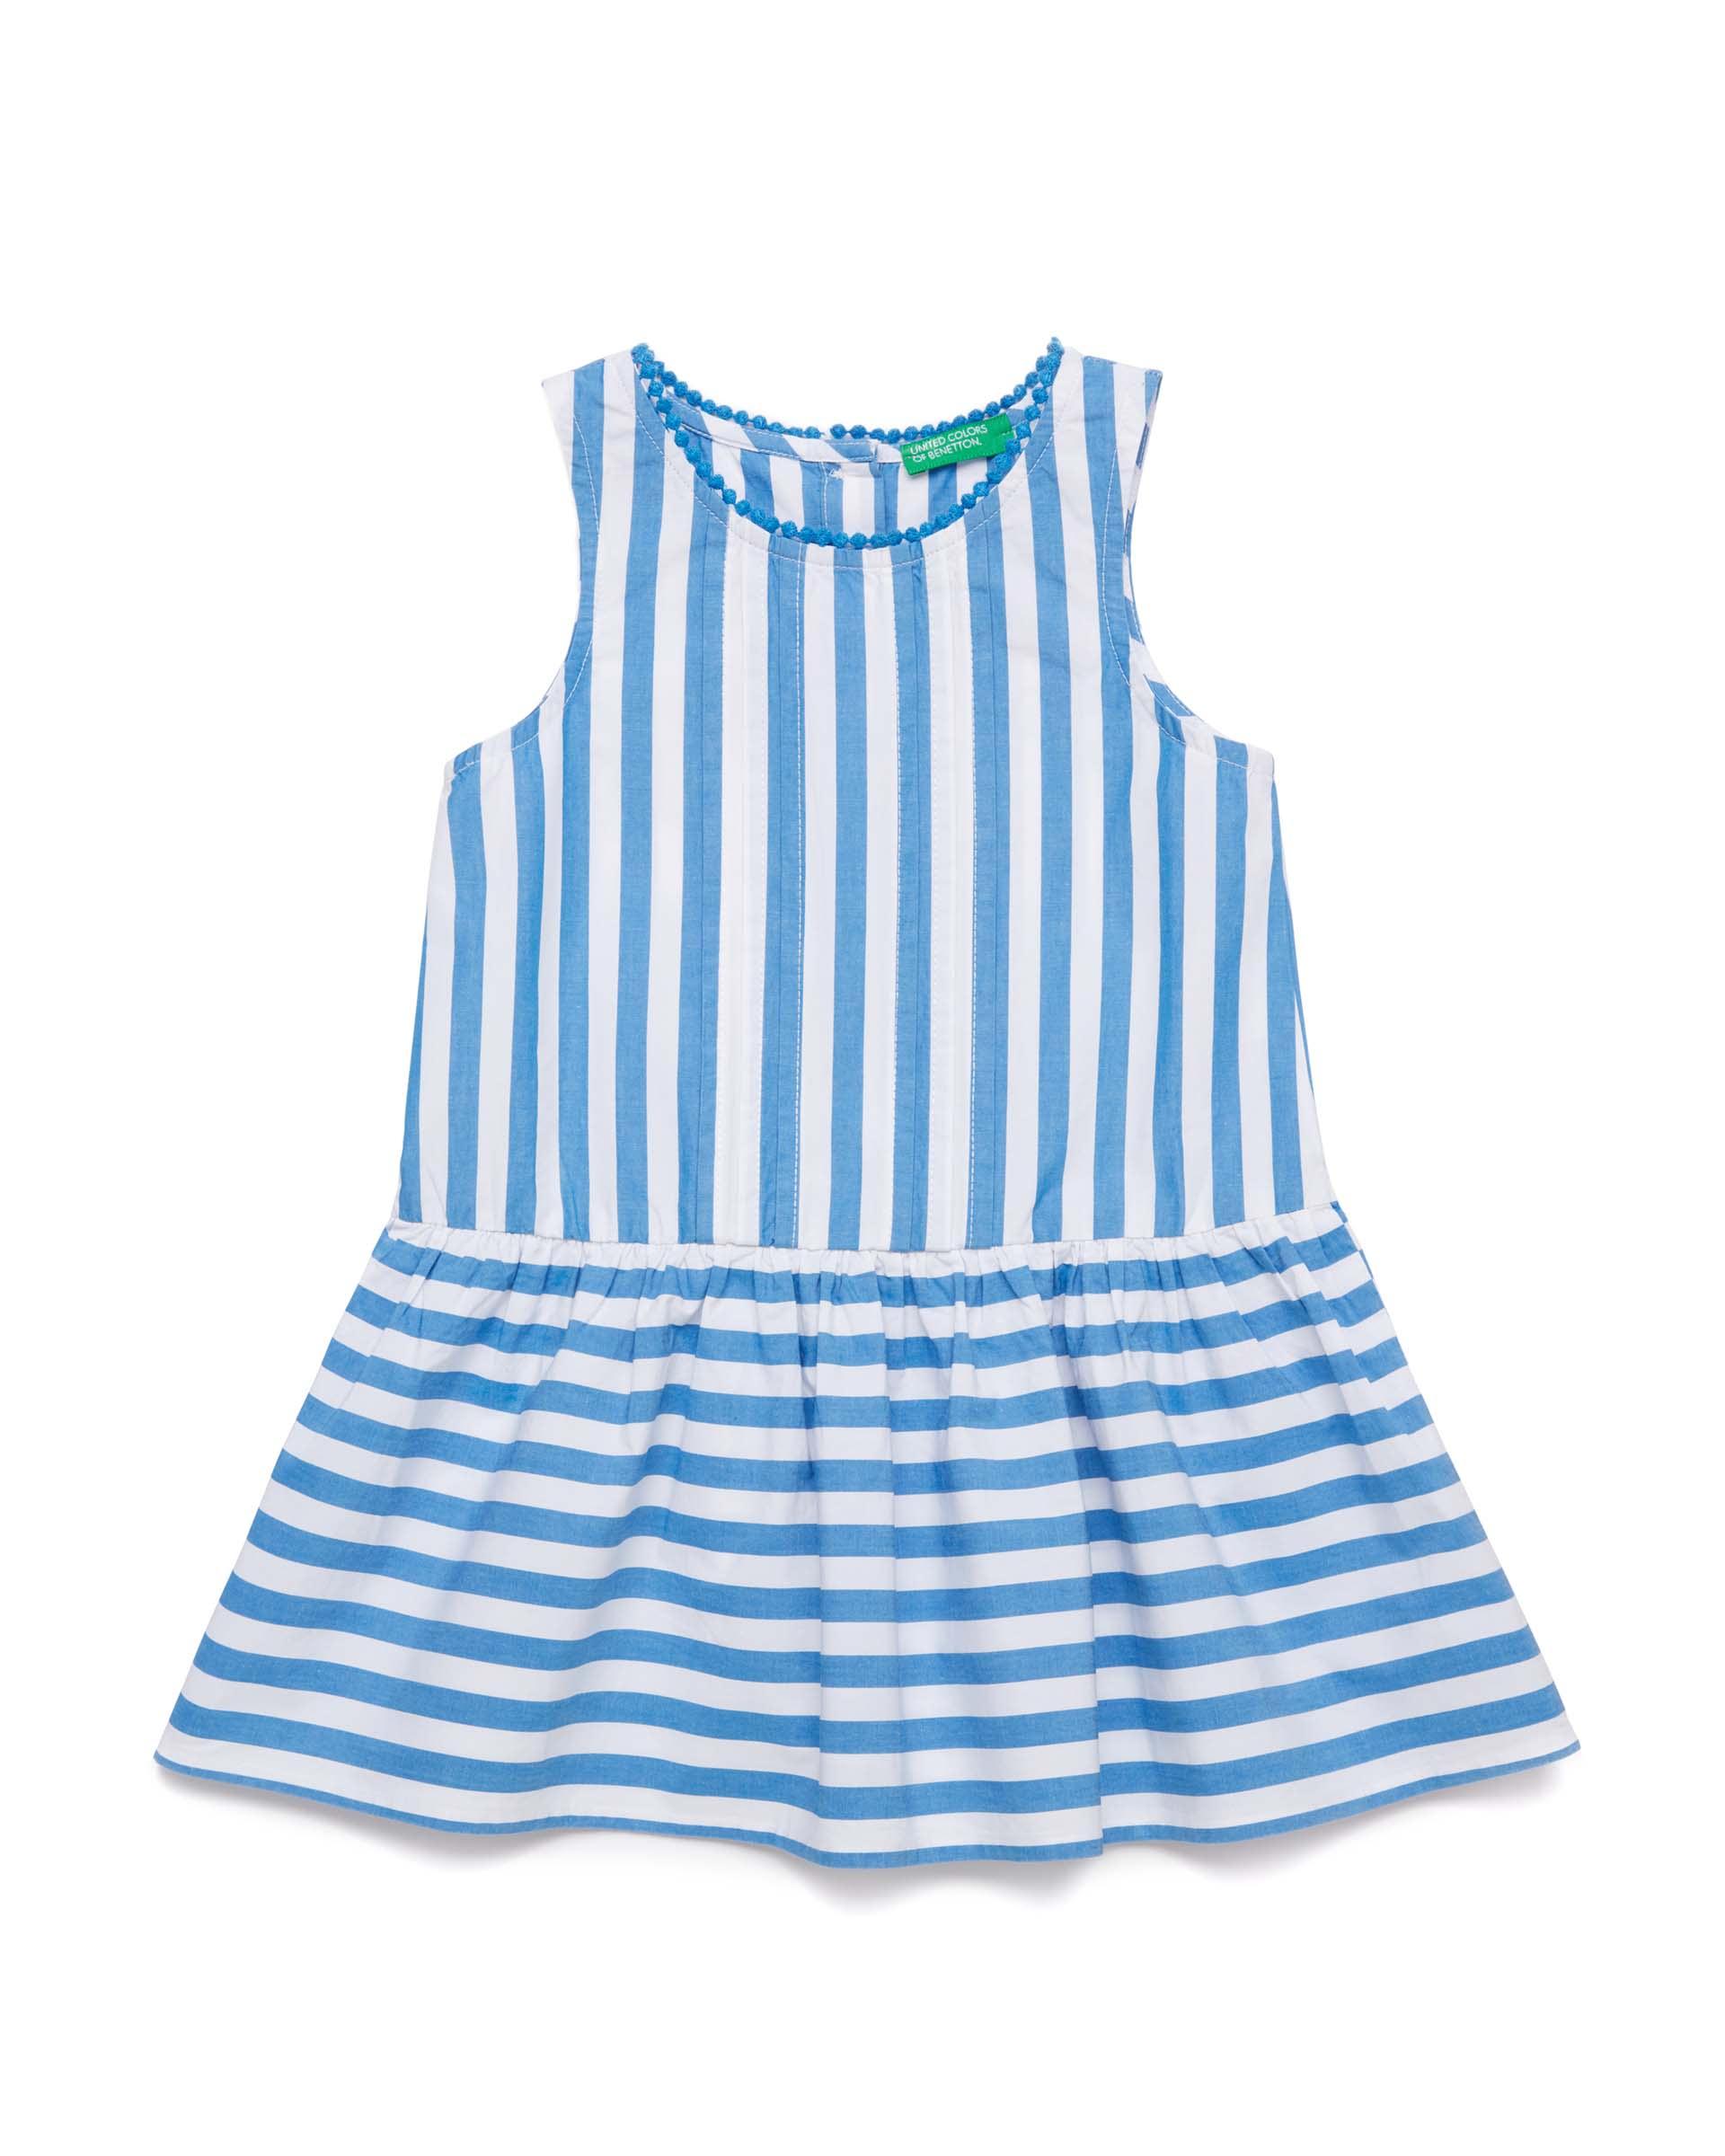 Купить 20P_4OT75V2LP_901, Платье для девочек Benetton 4OT75V2LP_901 р-р 80, United Colors of Benetton, Платья для новорожденных